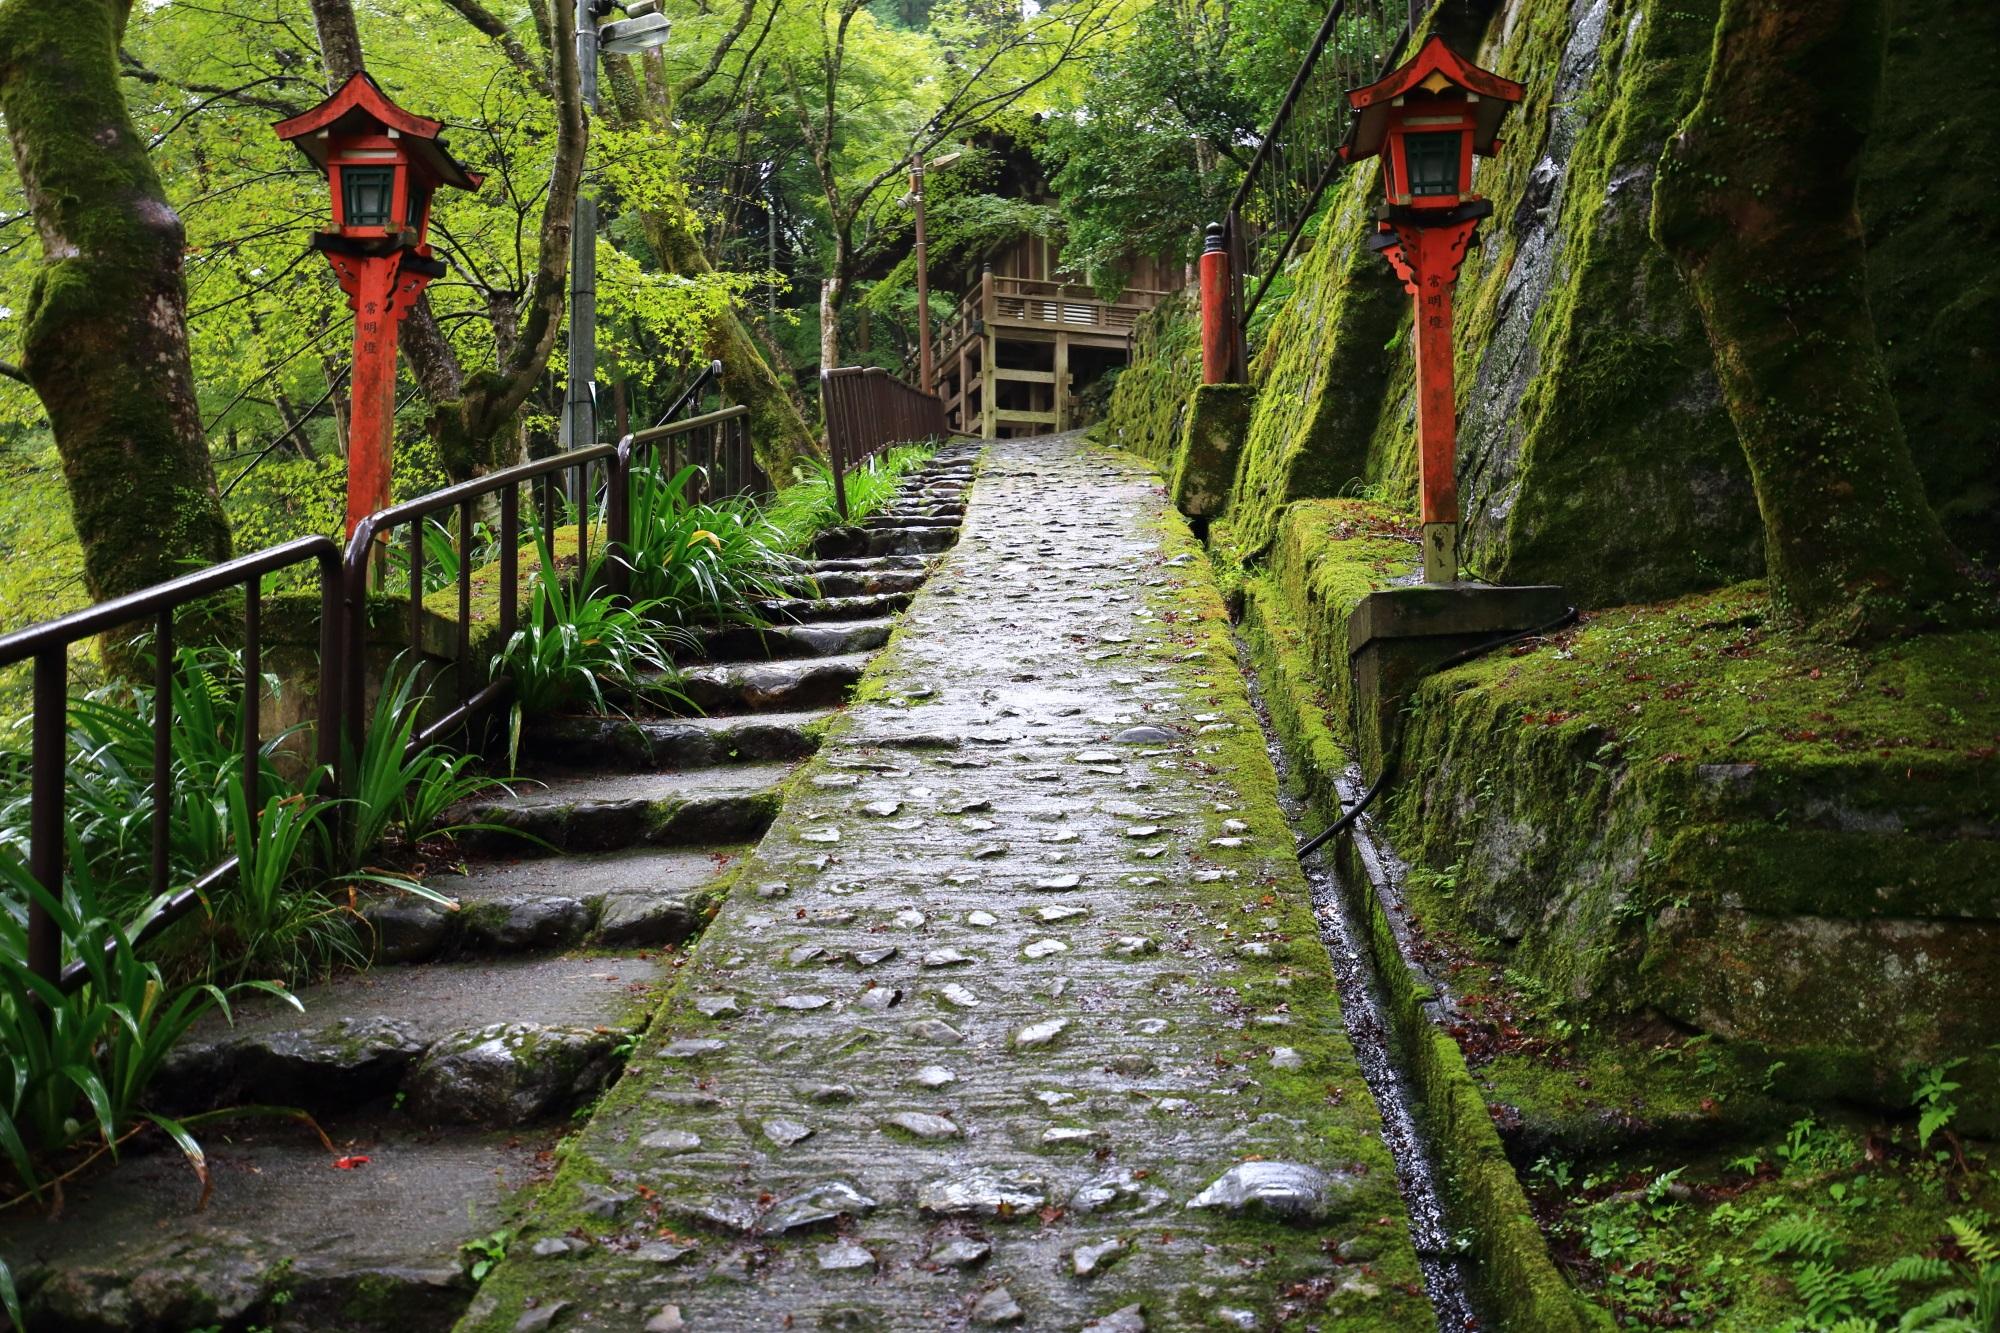 愛宕念仏寺の地蔵堂と参道